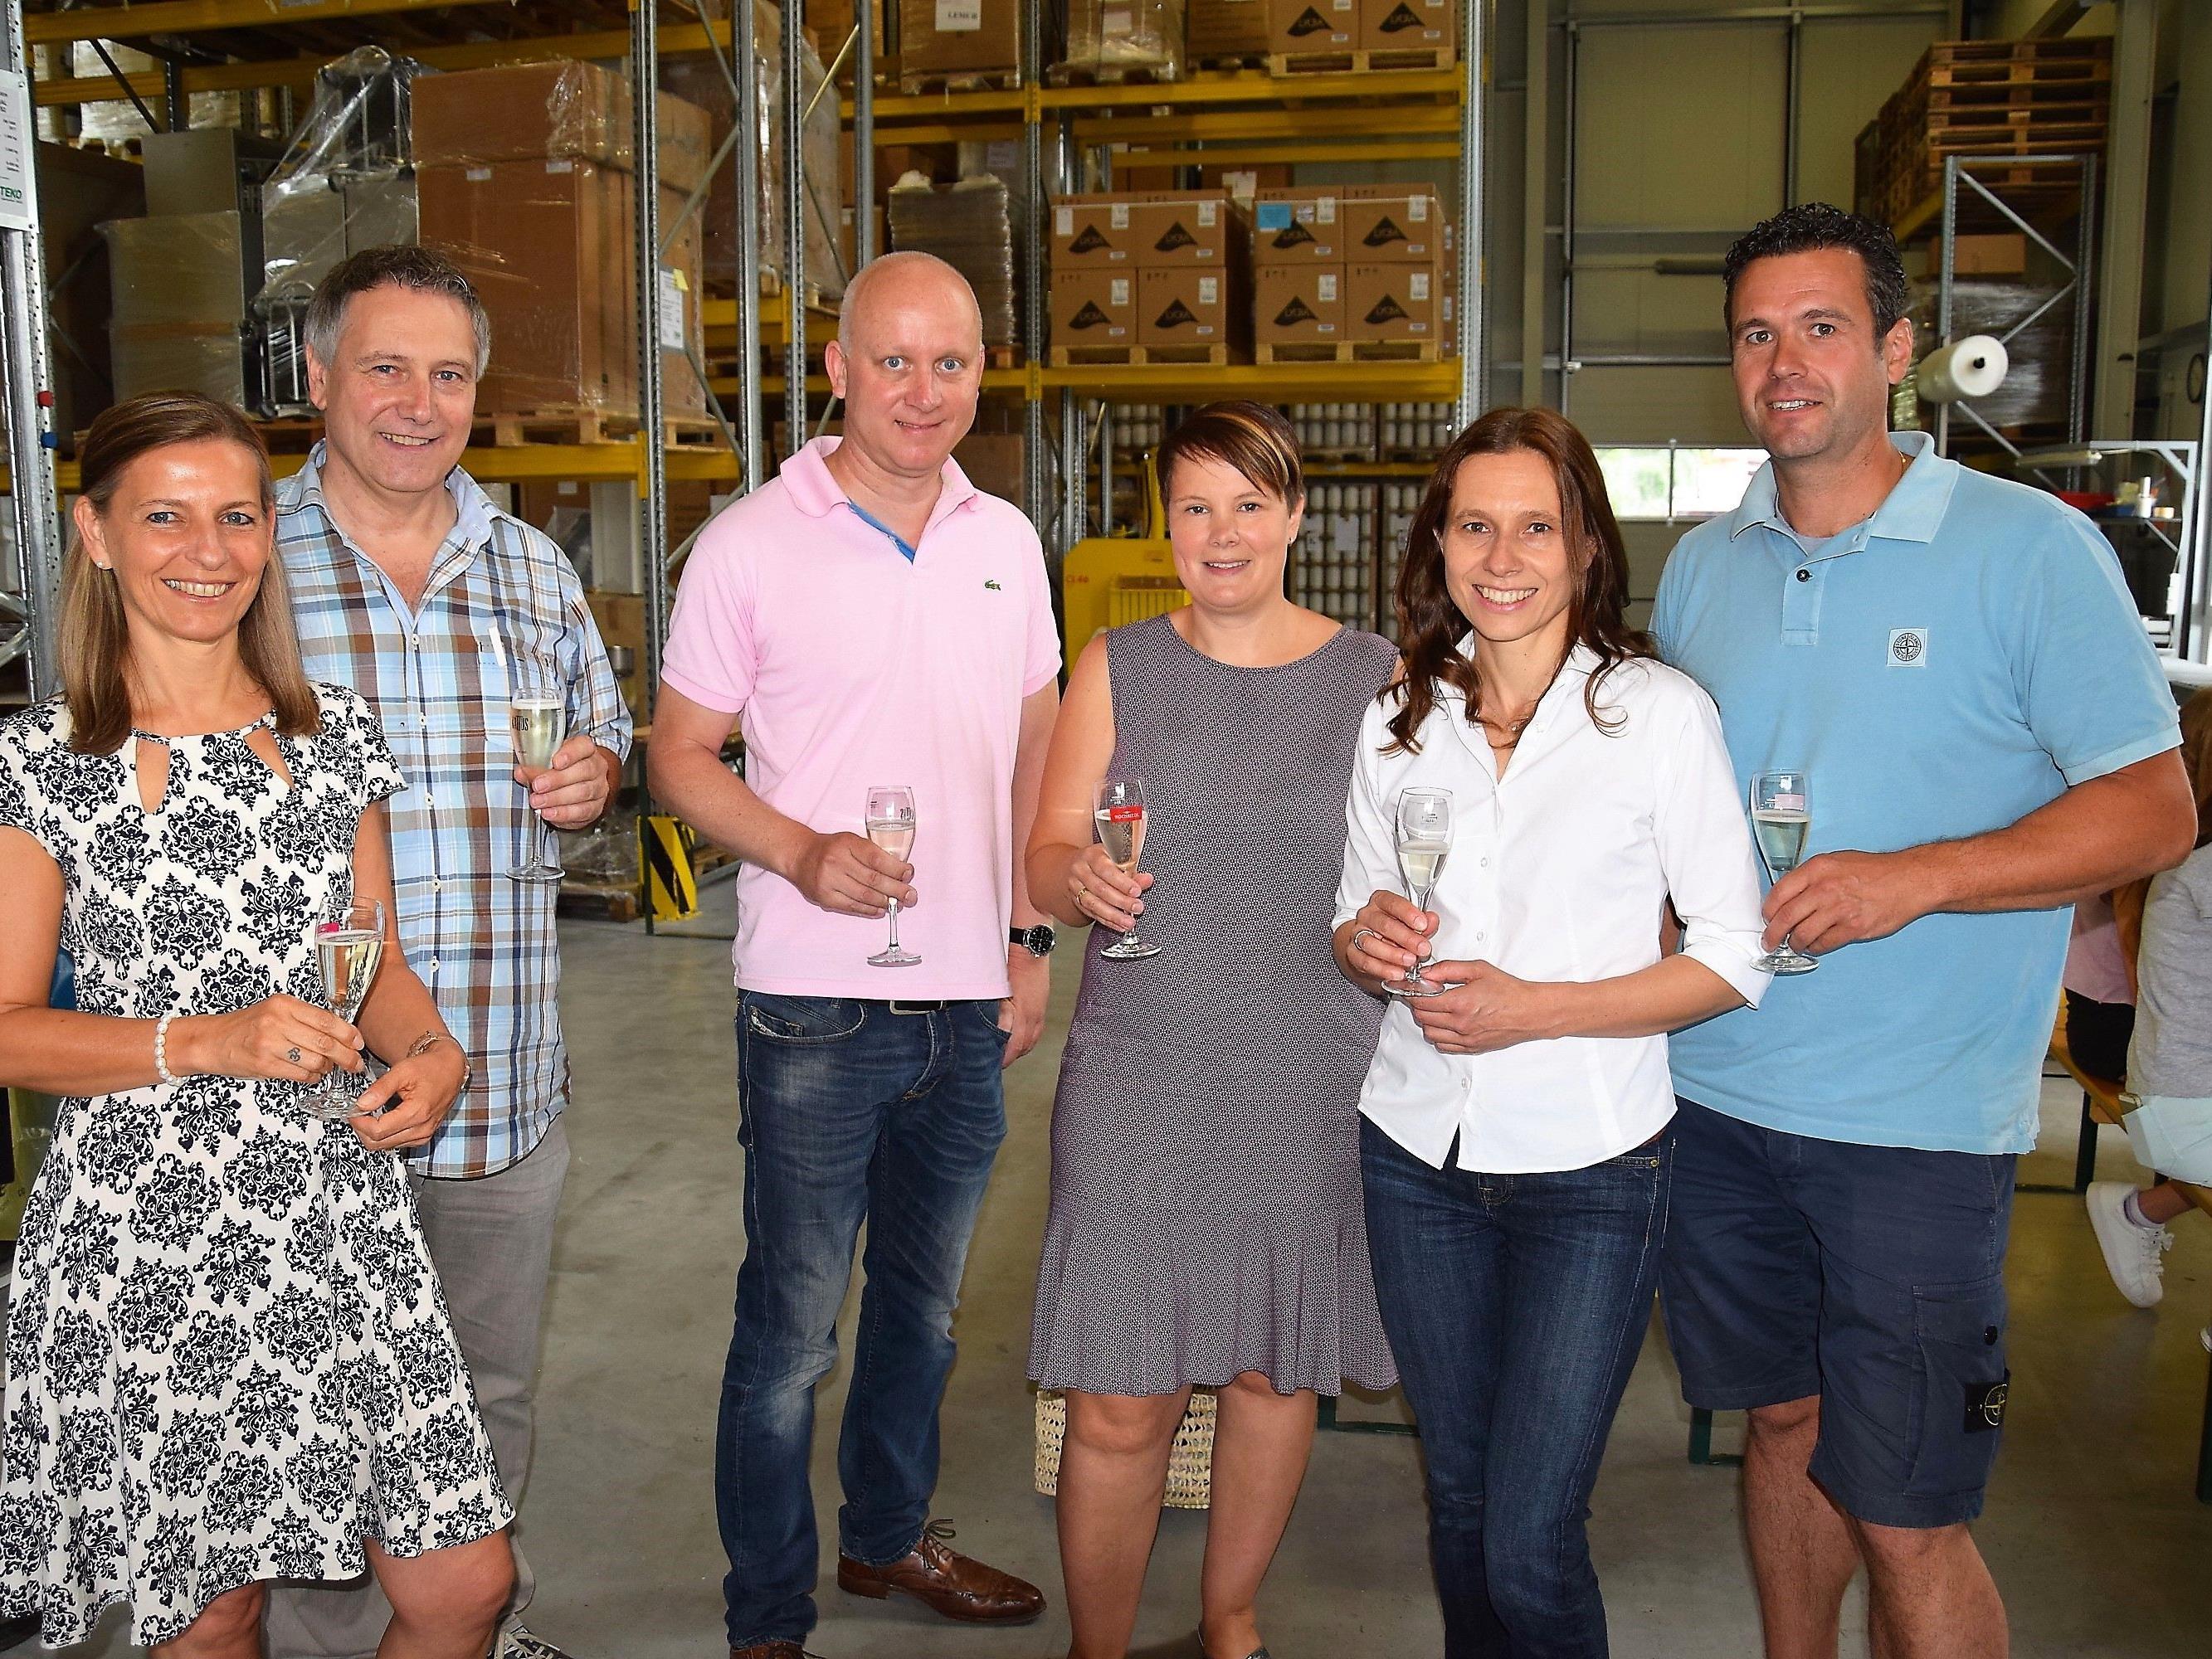 Feierliche Geschäftseröffnung: v.l. Birgit und Martin Holzer, Christian und Vera Rösch, Nicole und Herwig Schneider